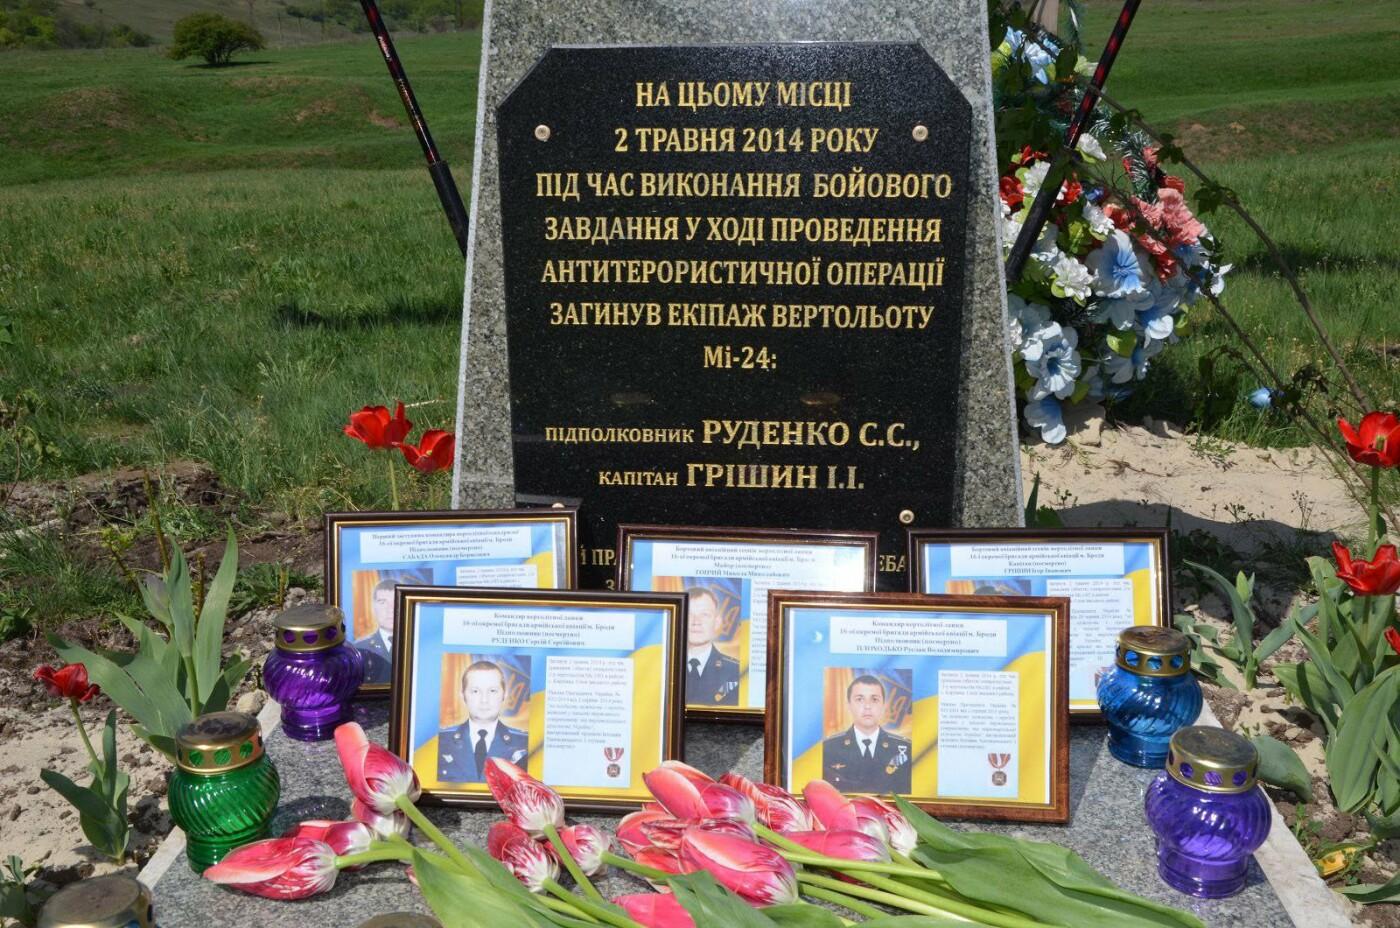 Сім років тому у Слов'янську збили два вертольоти Мі-24 ЗСУ і почалася активна стадія АТО, фото-1